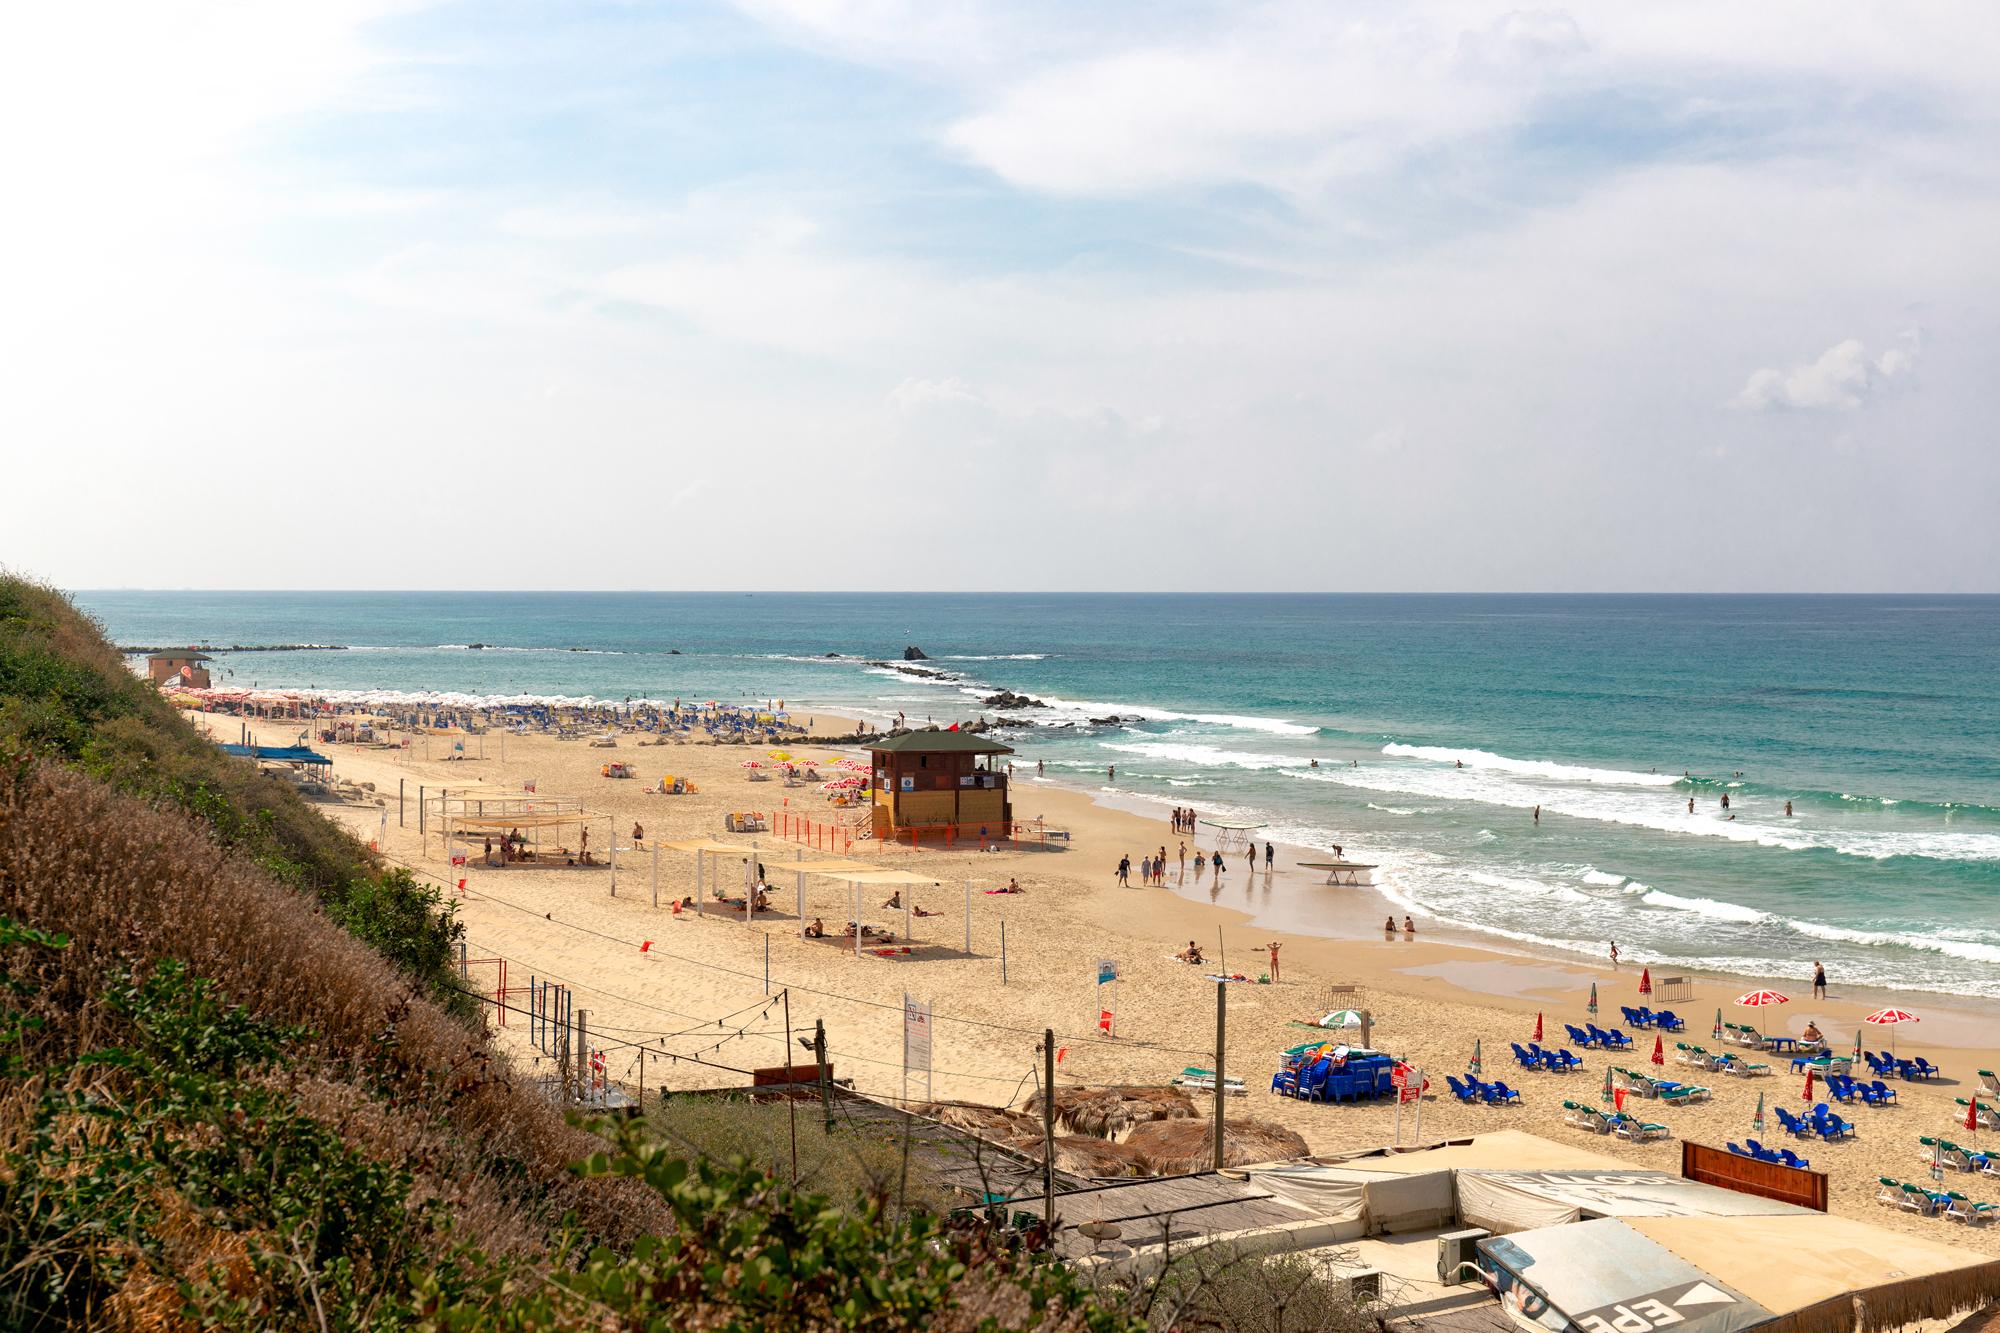 Photo of עיריית בת ים נערכת להקדמת עונת הרחצה שצפויה להיפתח ב־12 באפריל